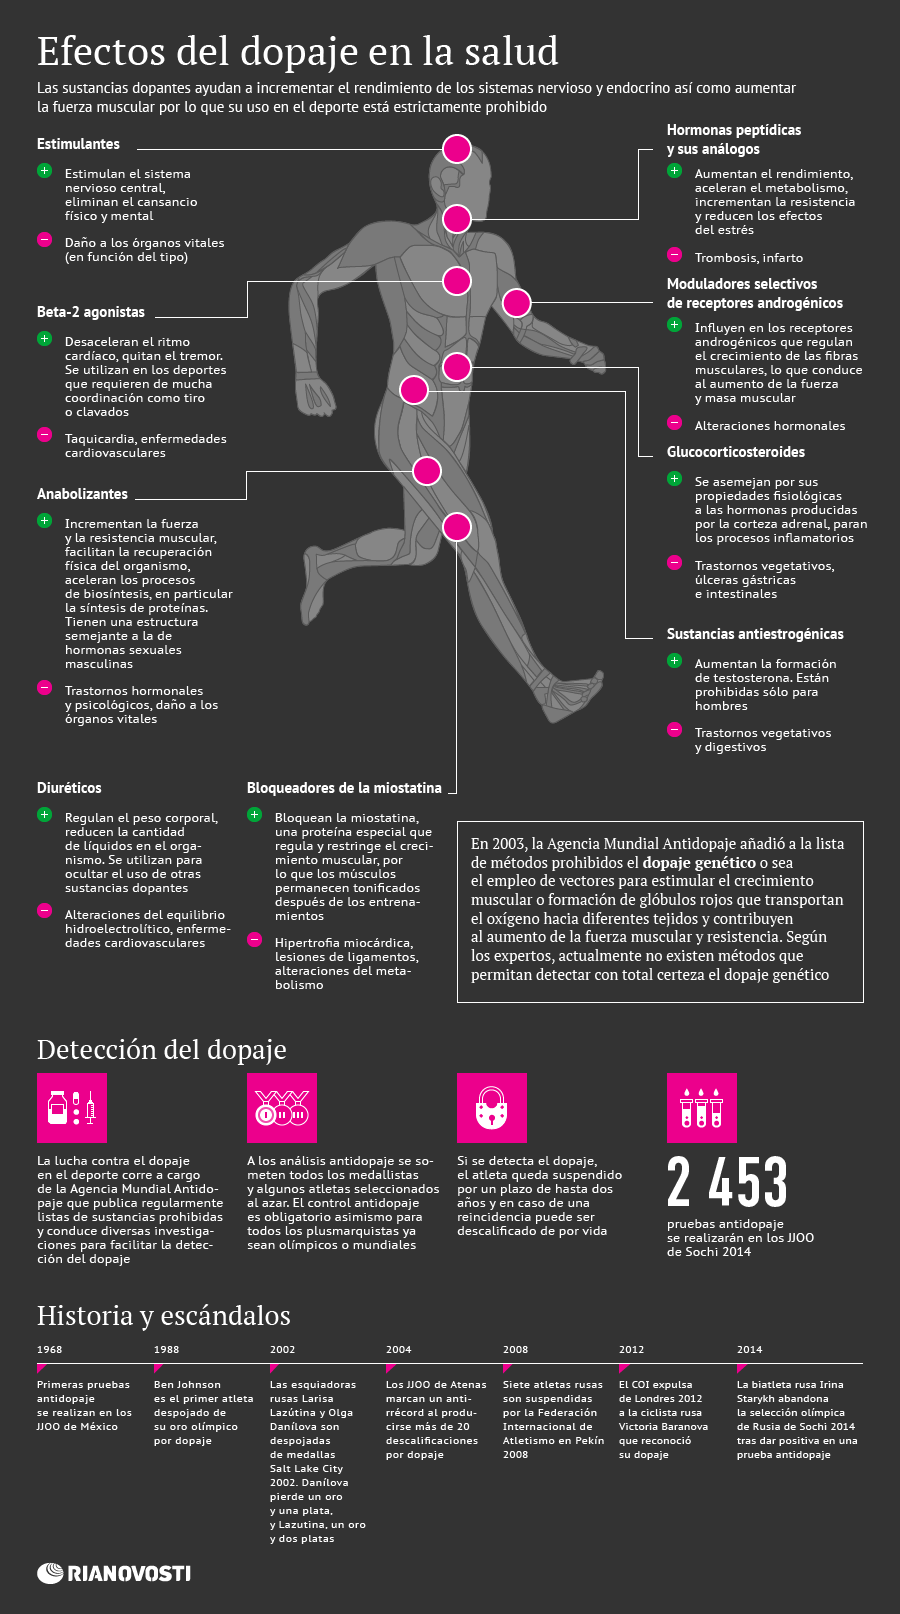 Efectos del dopaje en la salud